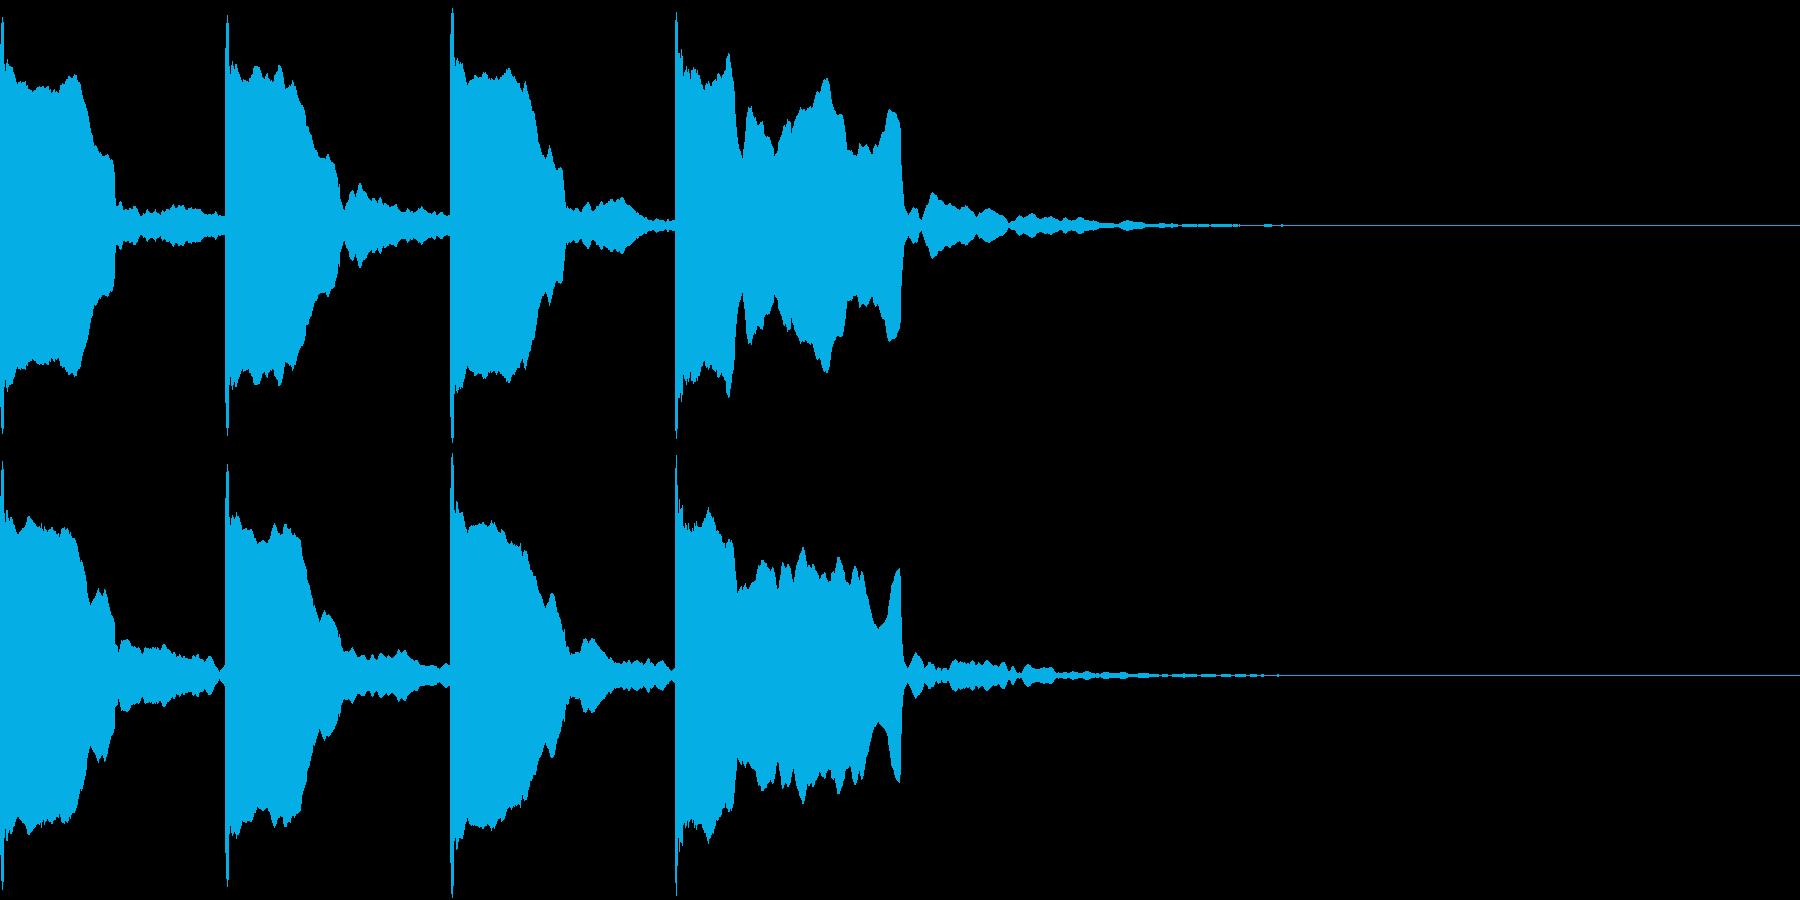 レーススタート合図7 カウントダウンの再生済みの波形